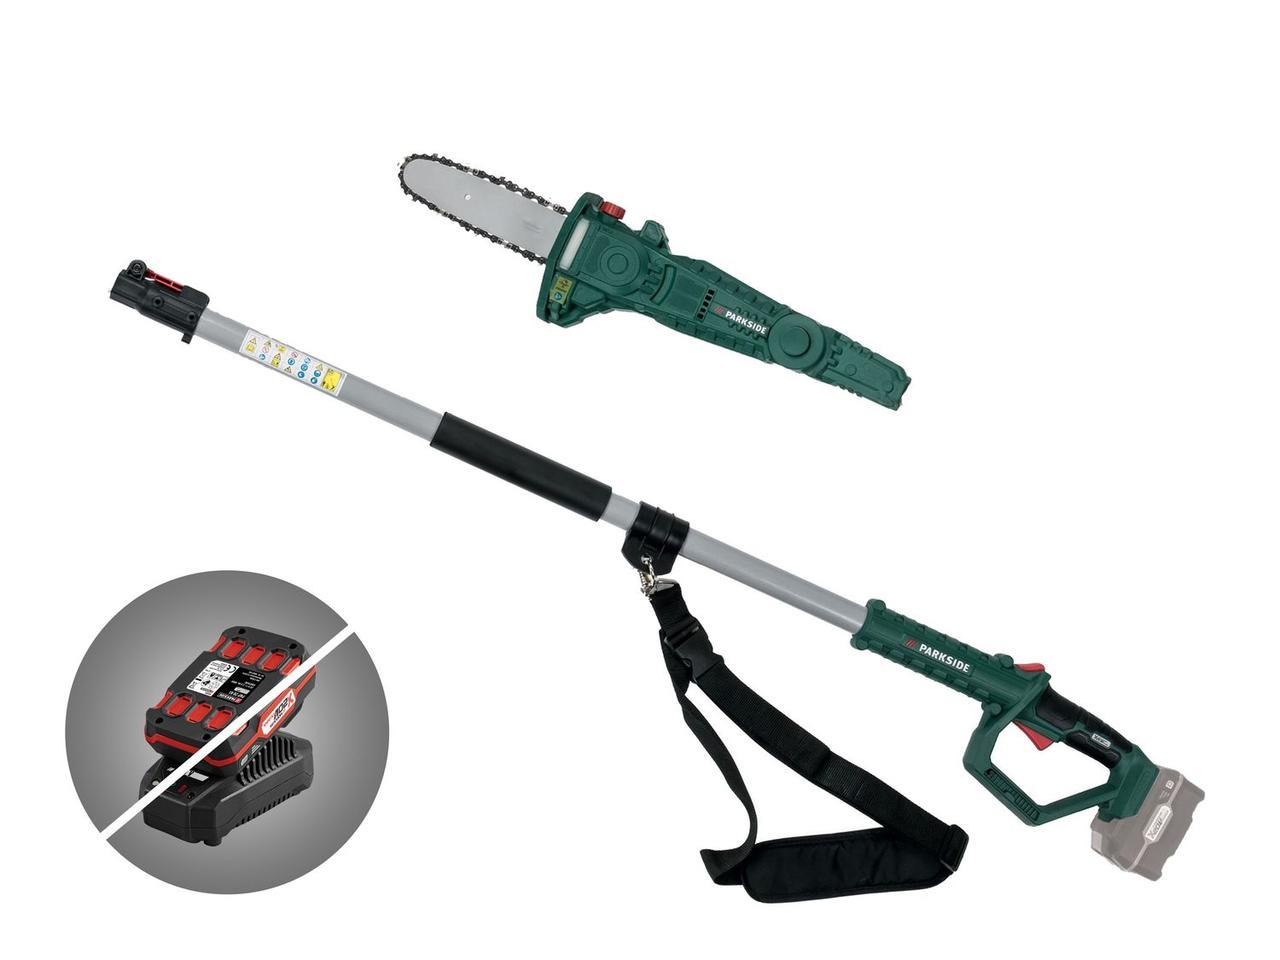 Аккумуляторная телескопическая пила (секатор - высоторез) Parkside PAHE 20 Li A1 (Без аккумулятора / без